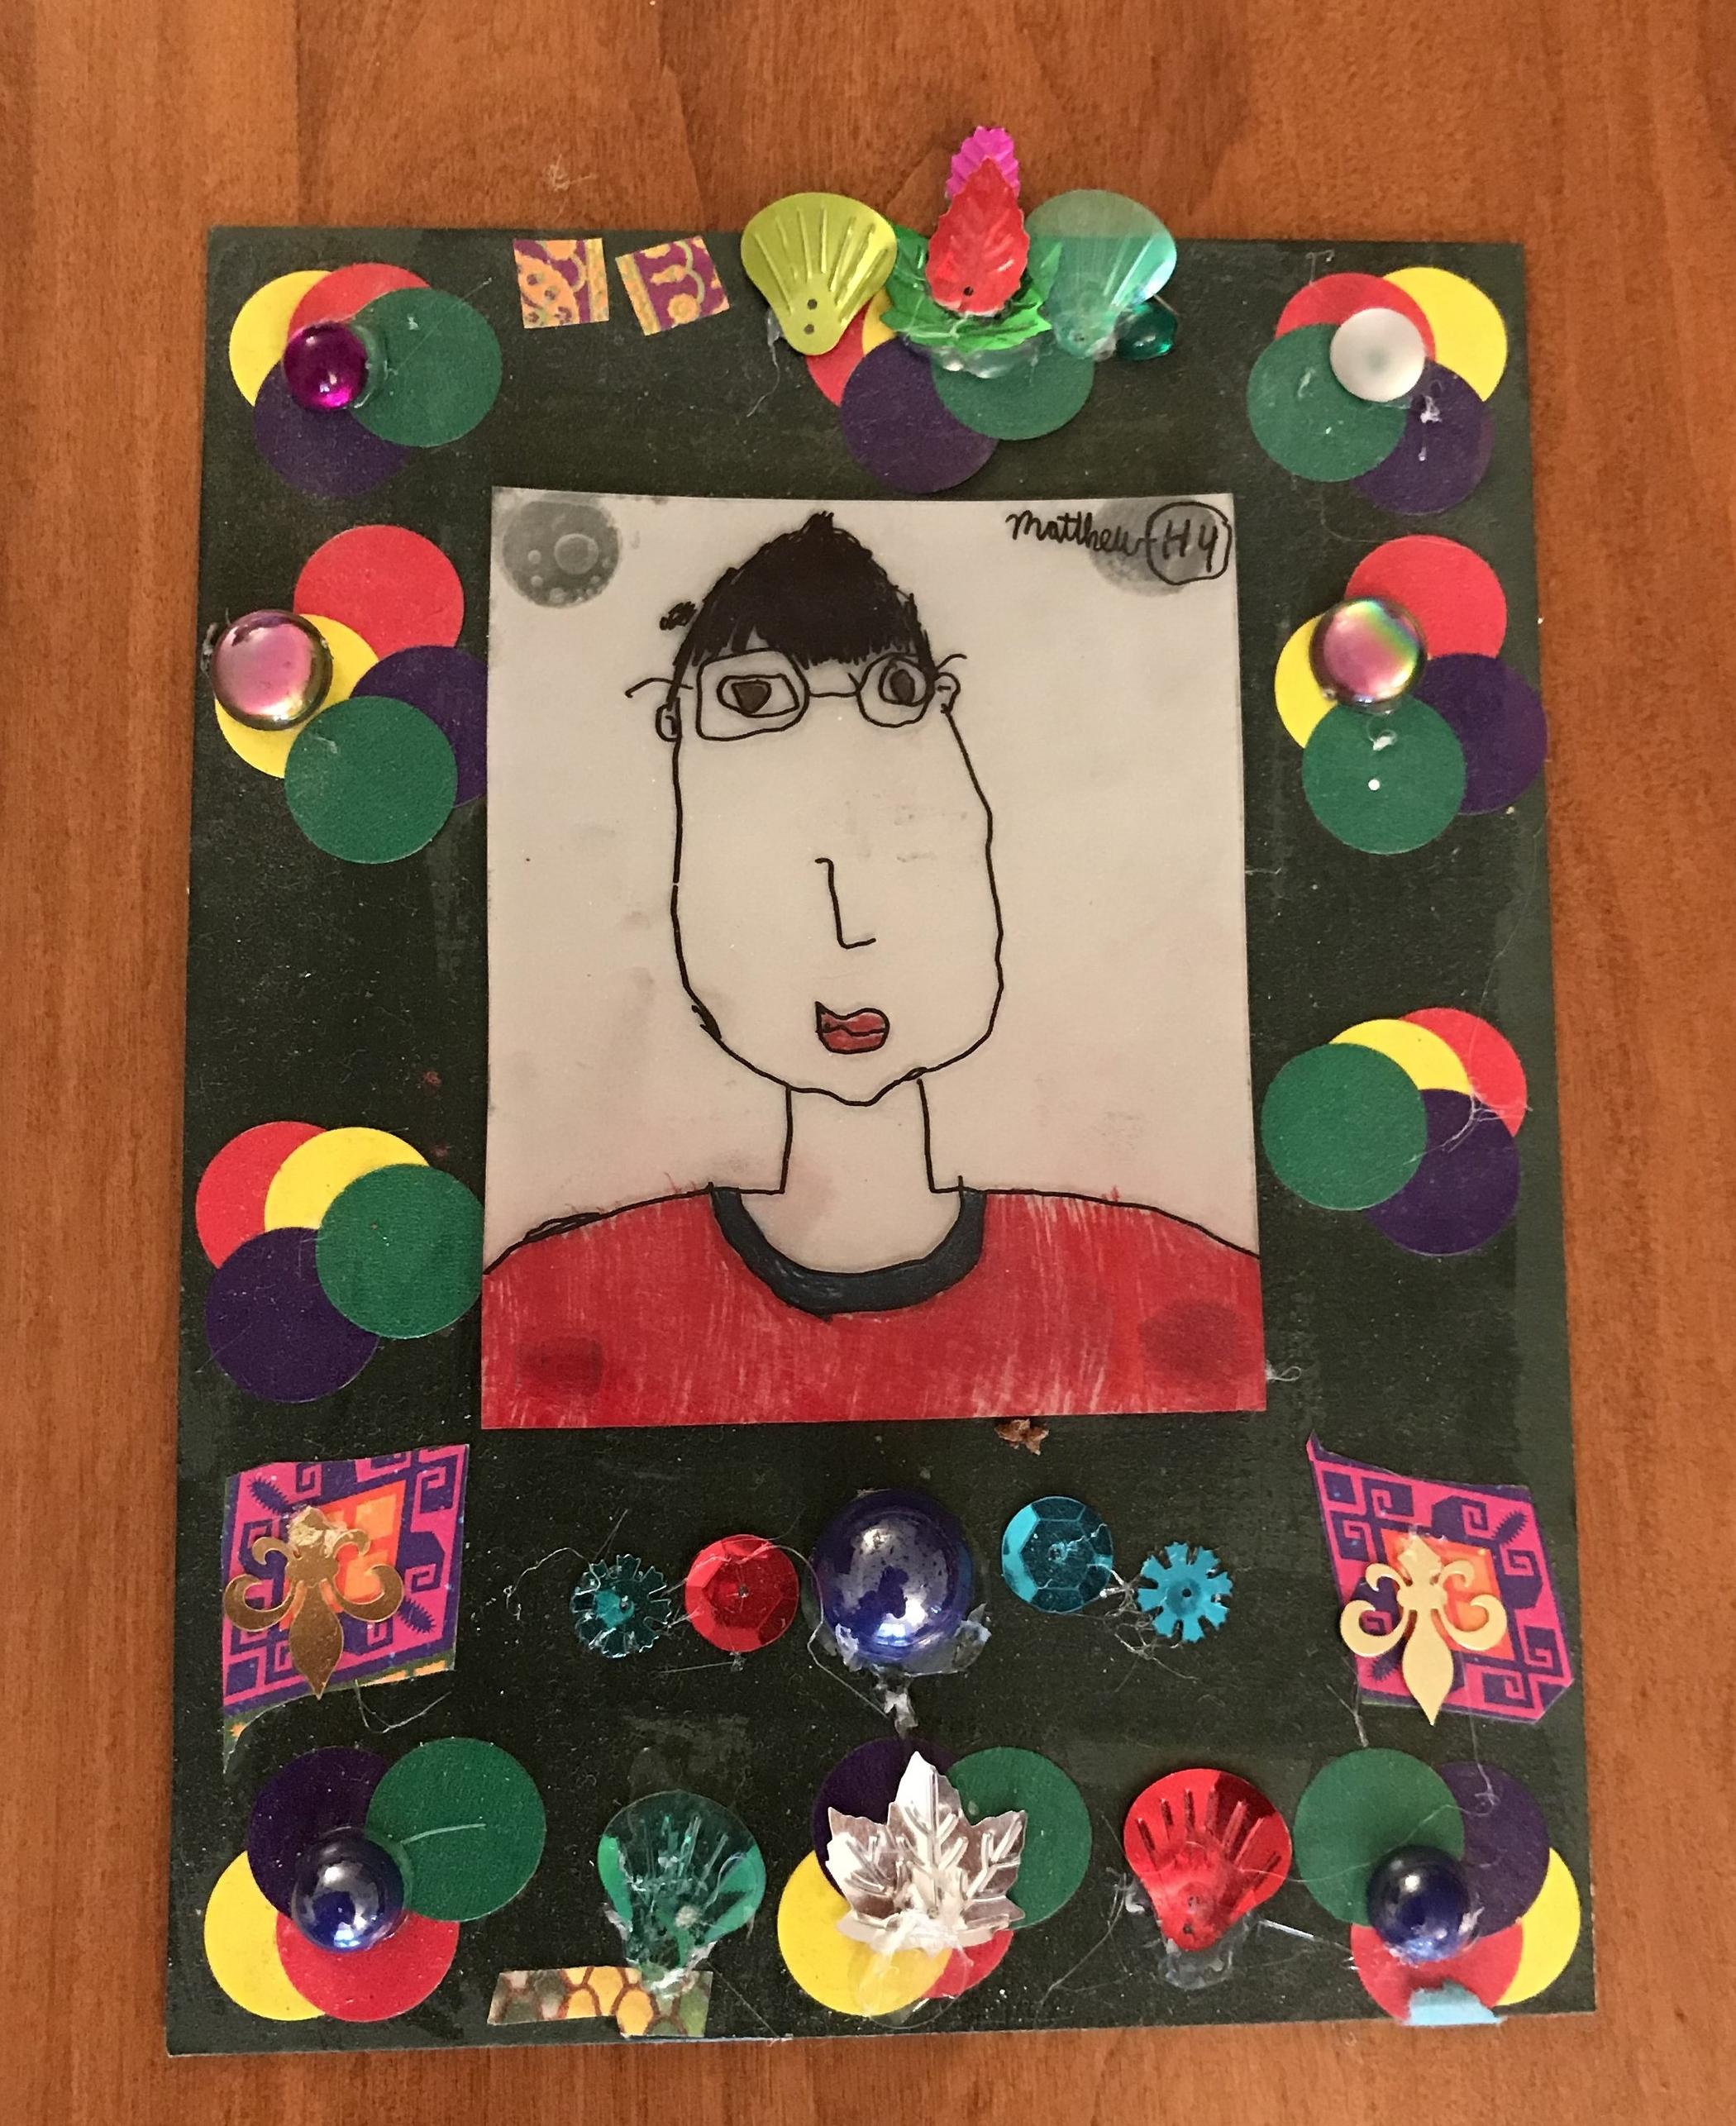 Self-portrait done in the 4th grade